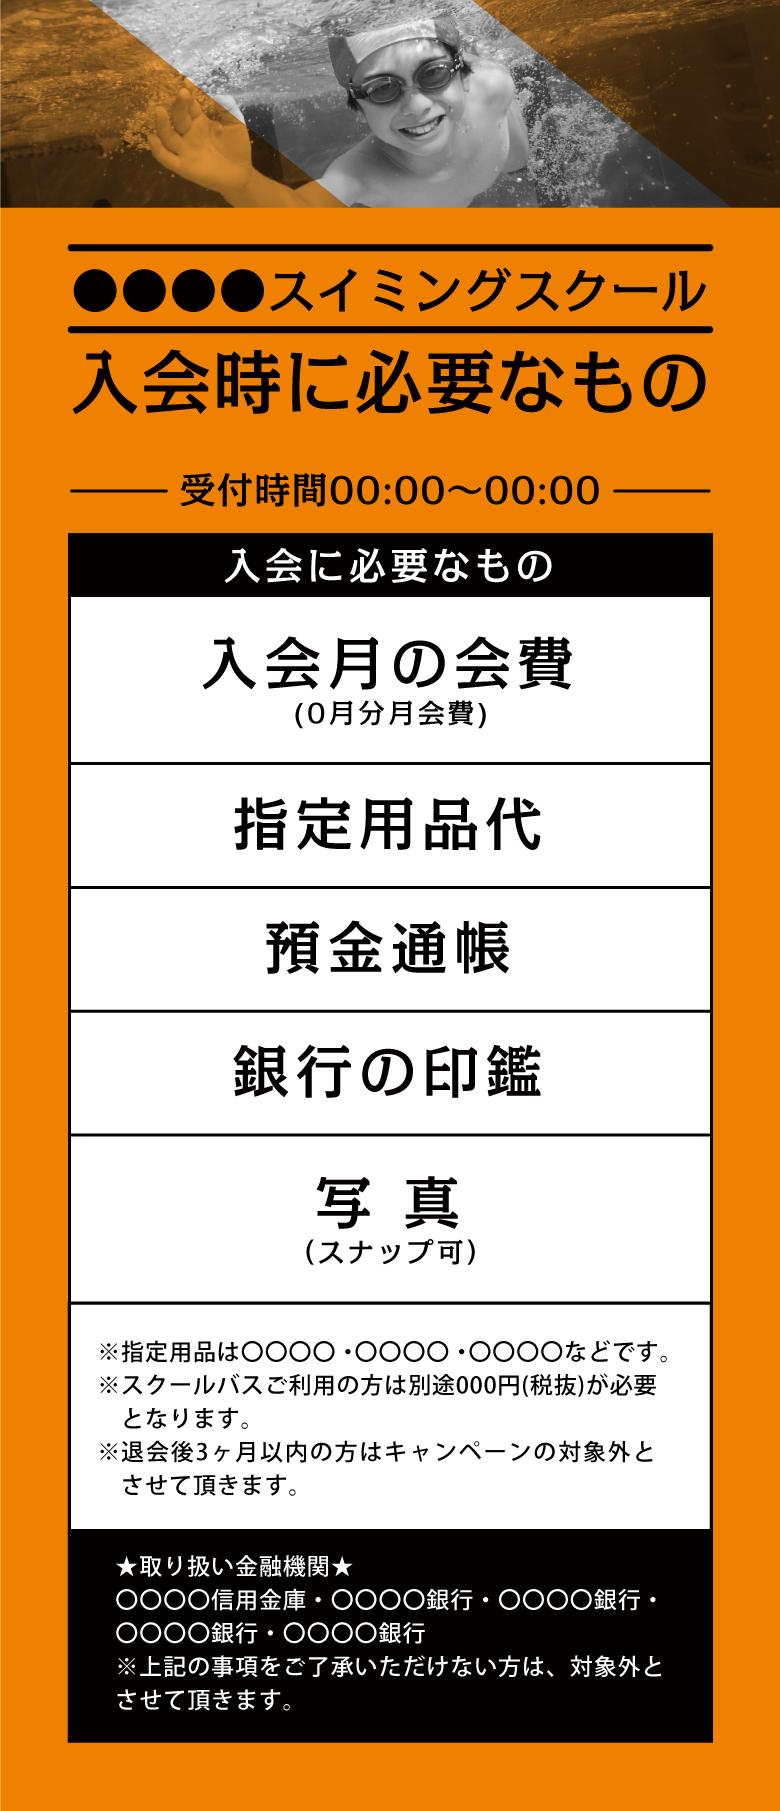 cv-case-ch-20h_d-07-3